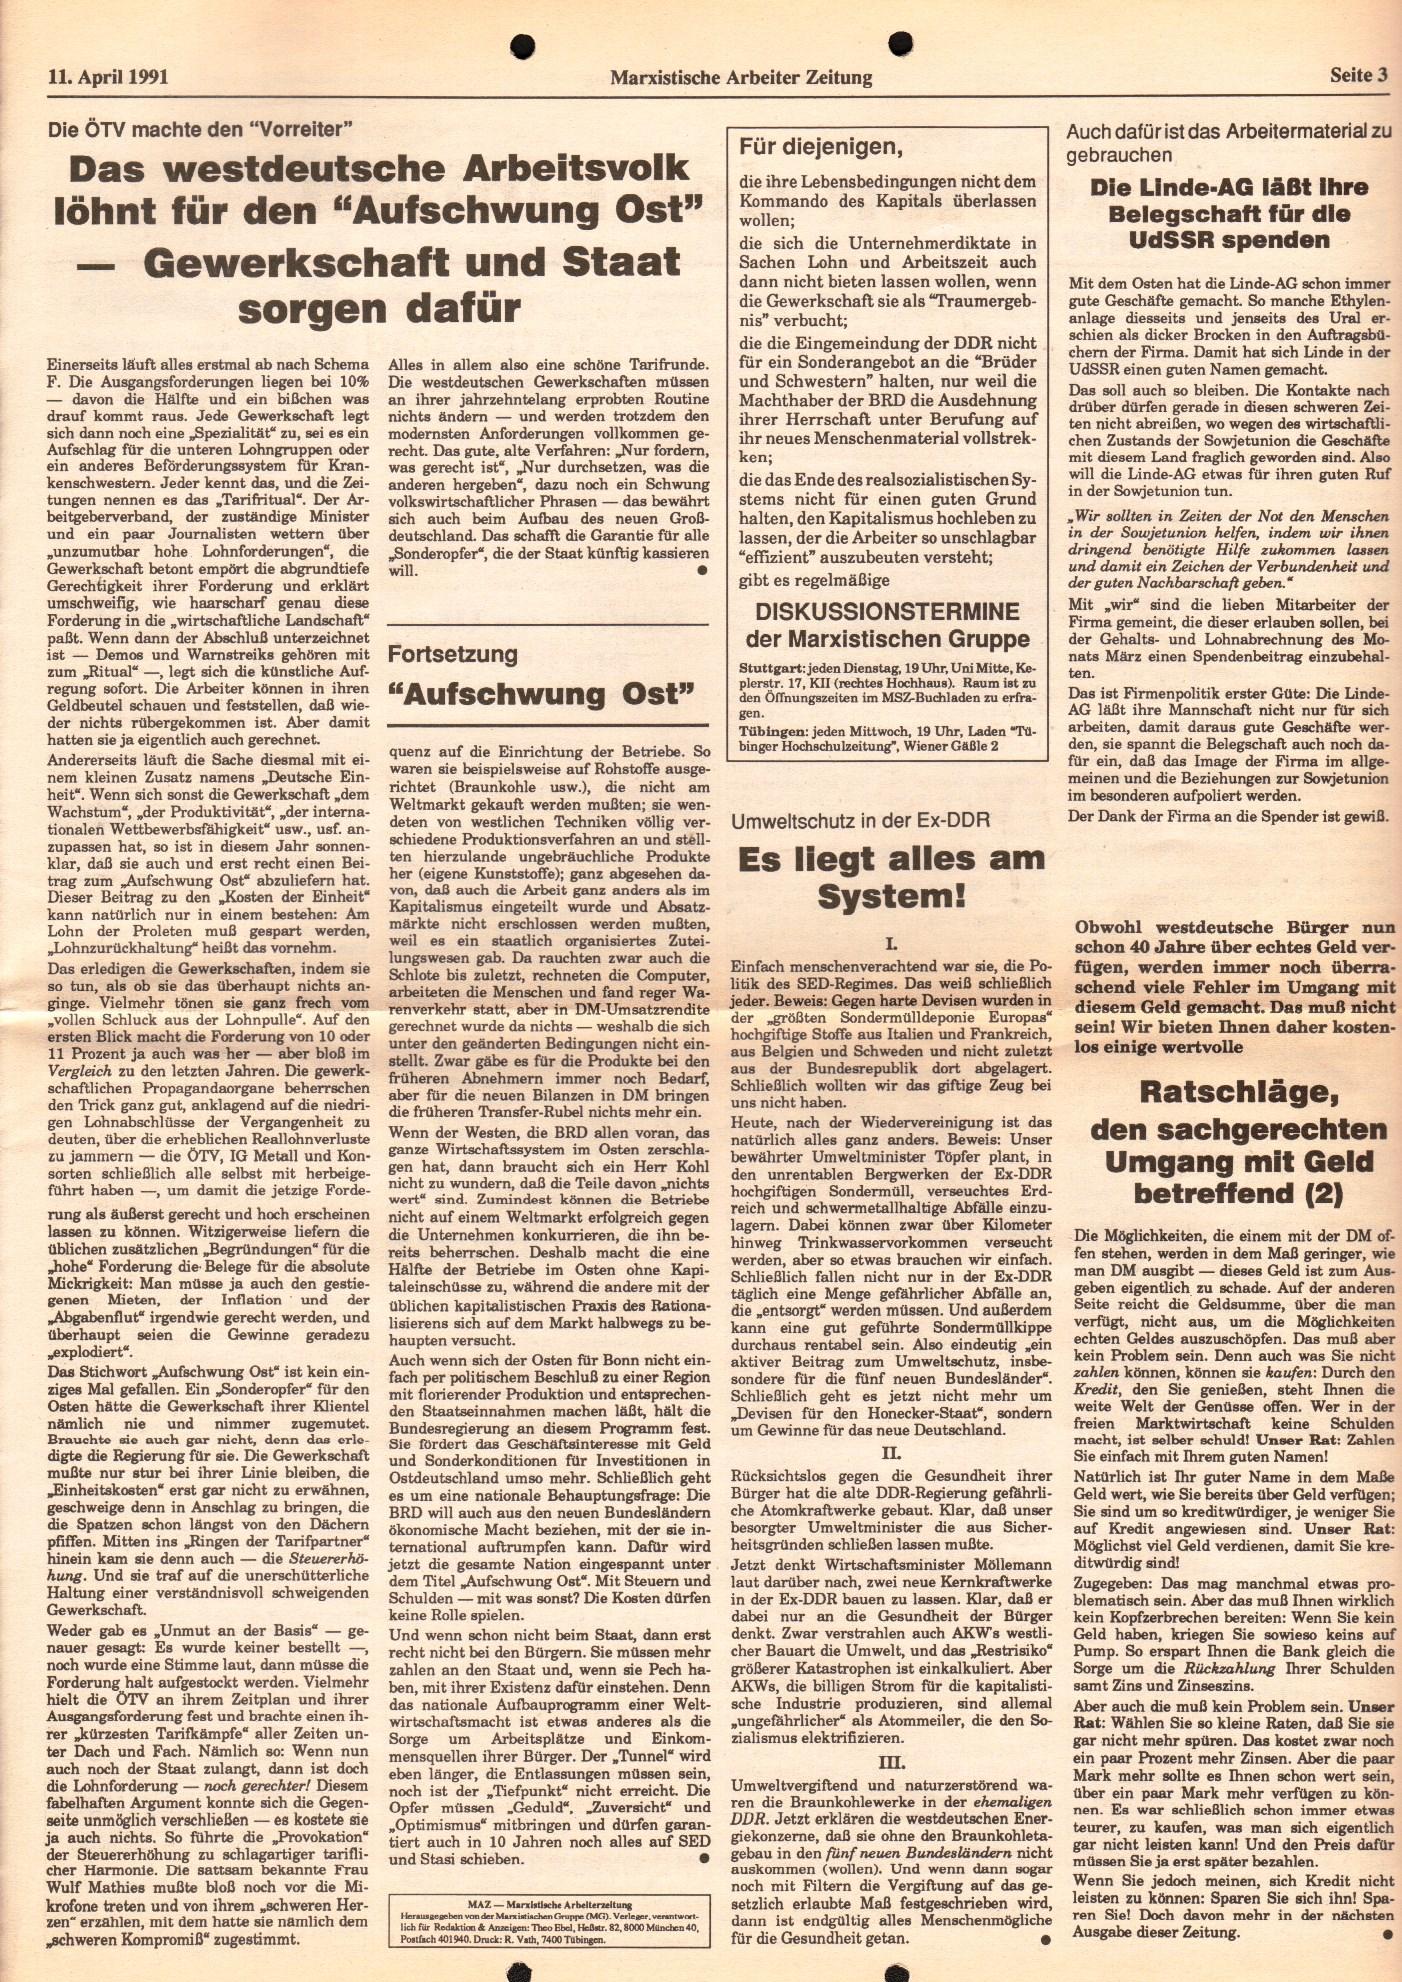 BW_MG_Marxistische_Arbeiterzeitung_19910411_03